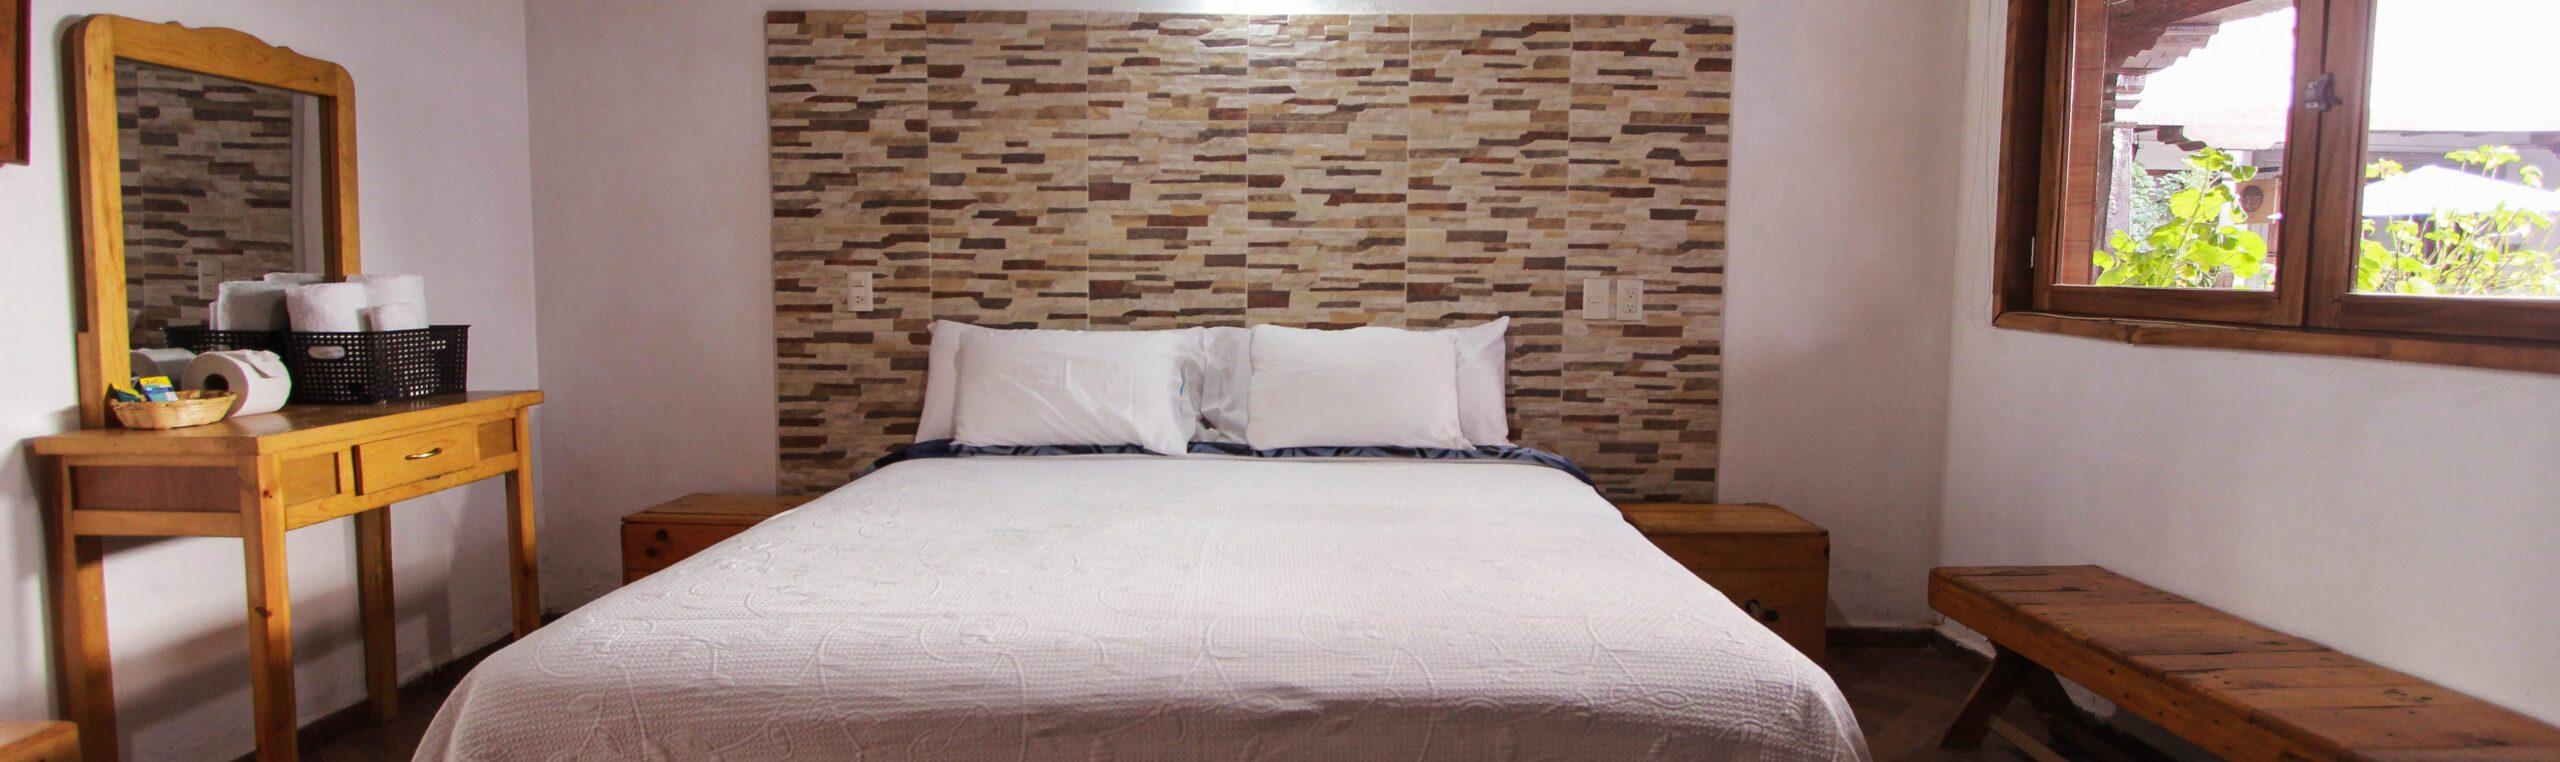 habitacion 9 con vista a la cama